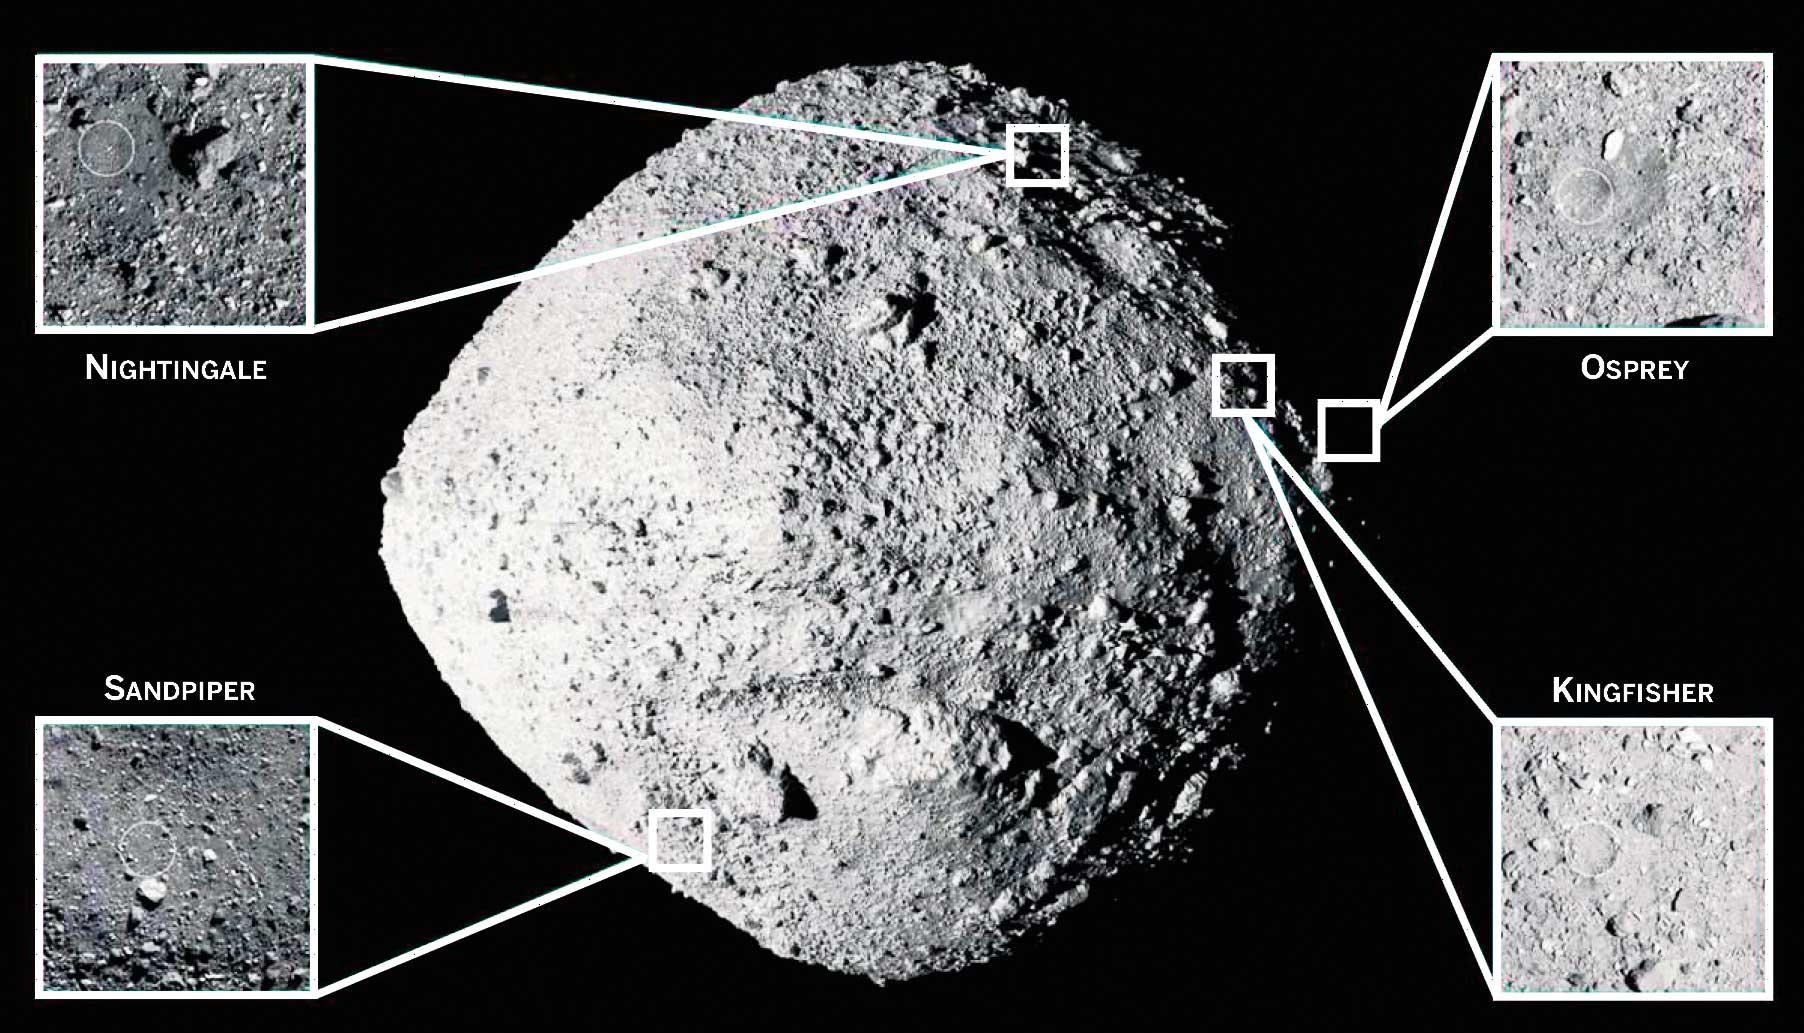 El asteroide Bennu y los cuatro puntos que se estudiaron para llevar a cabo la recogida de muestras